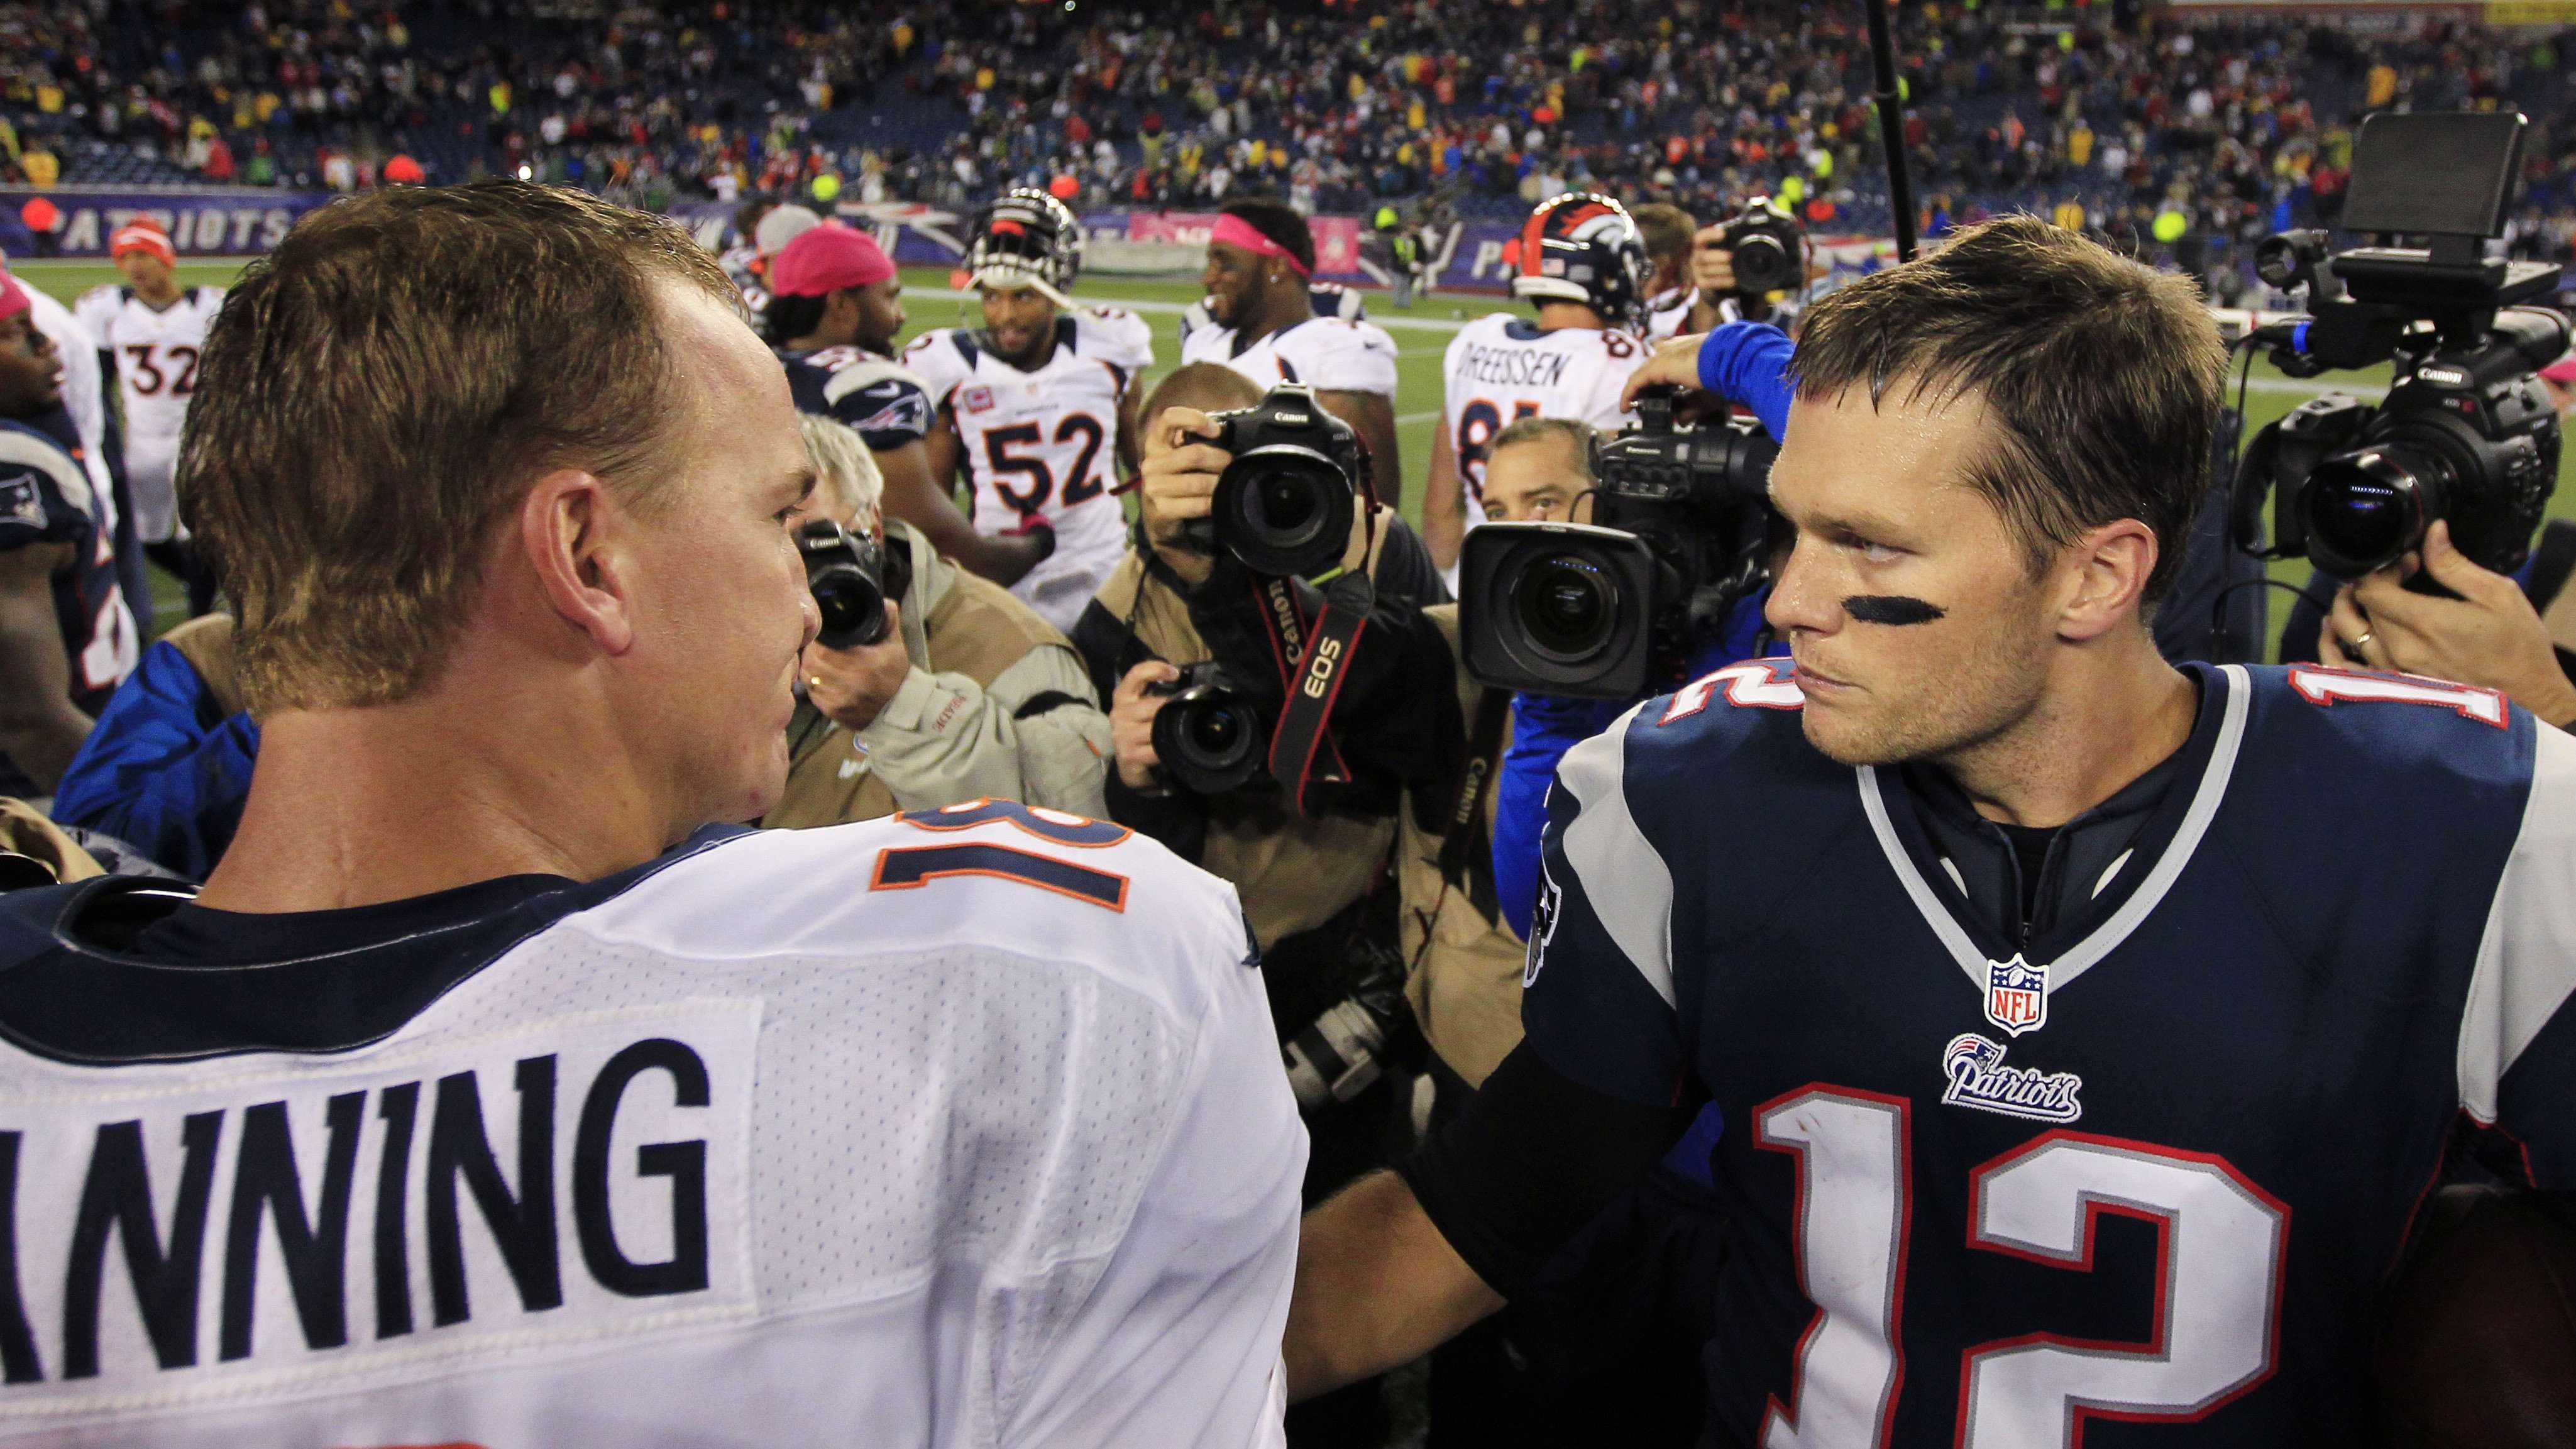 Tom Brady clapping